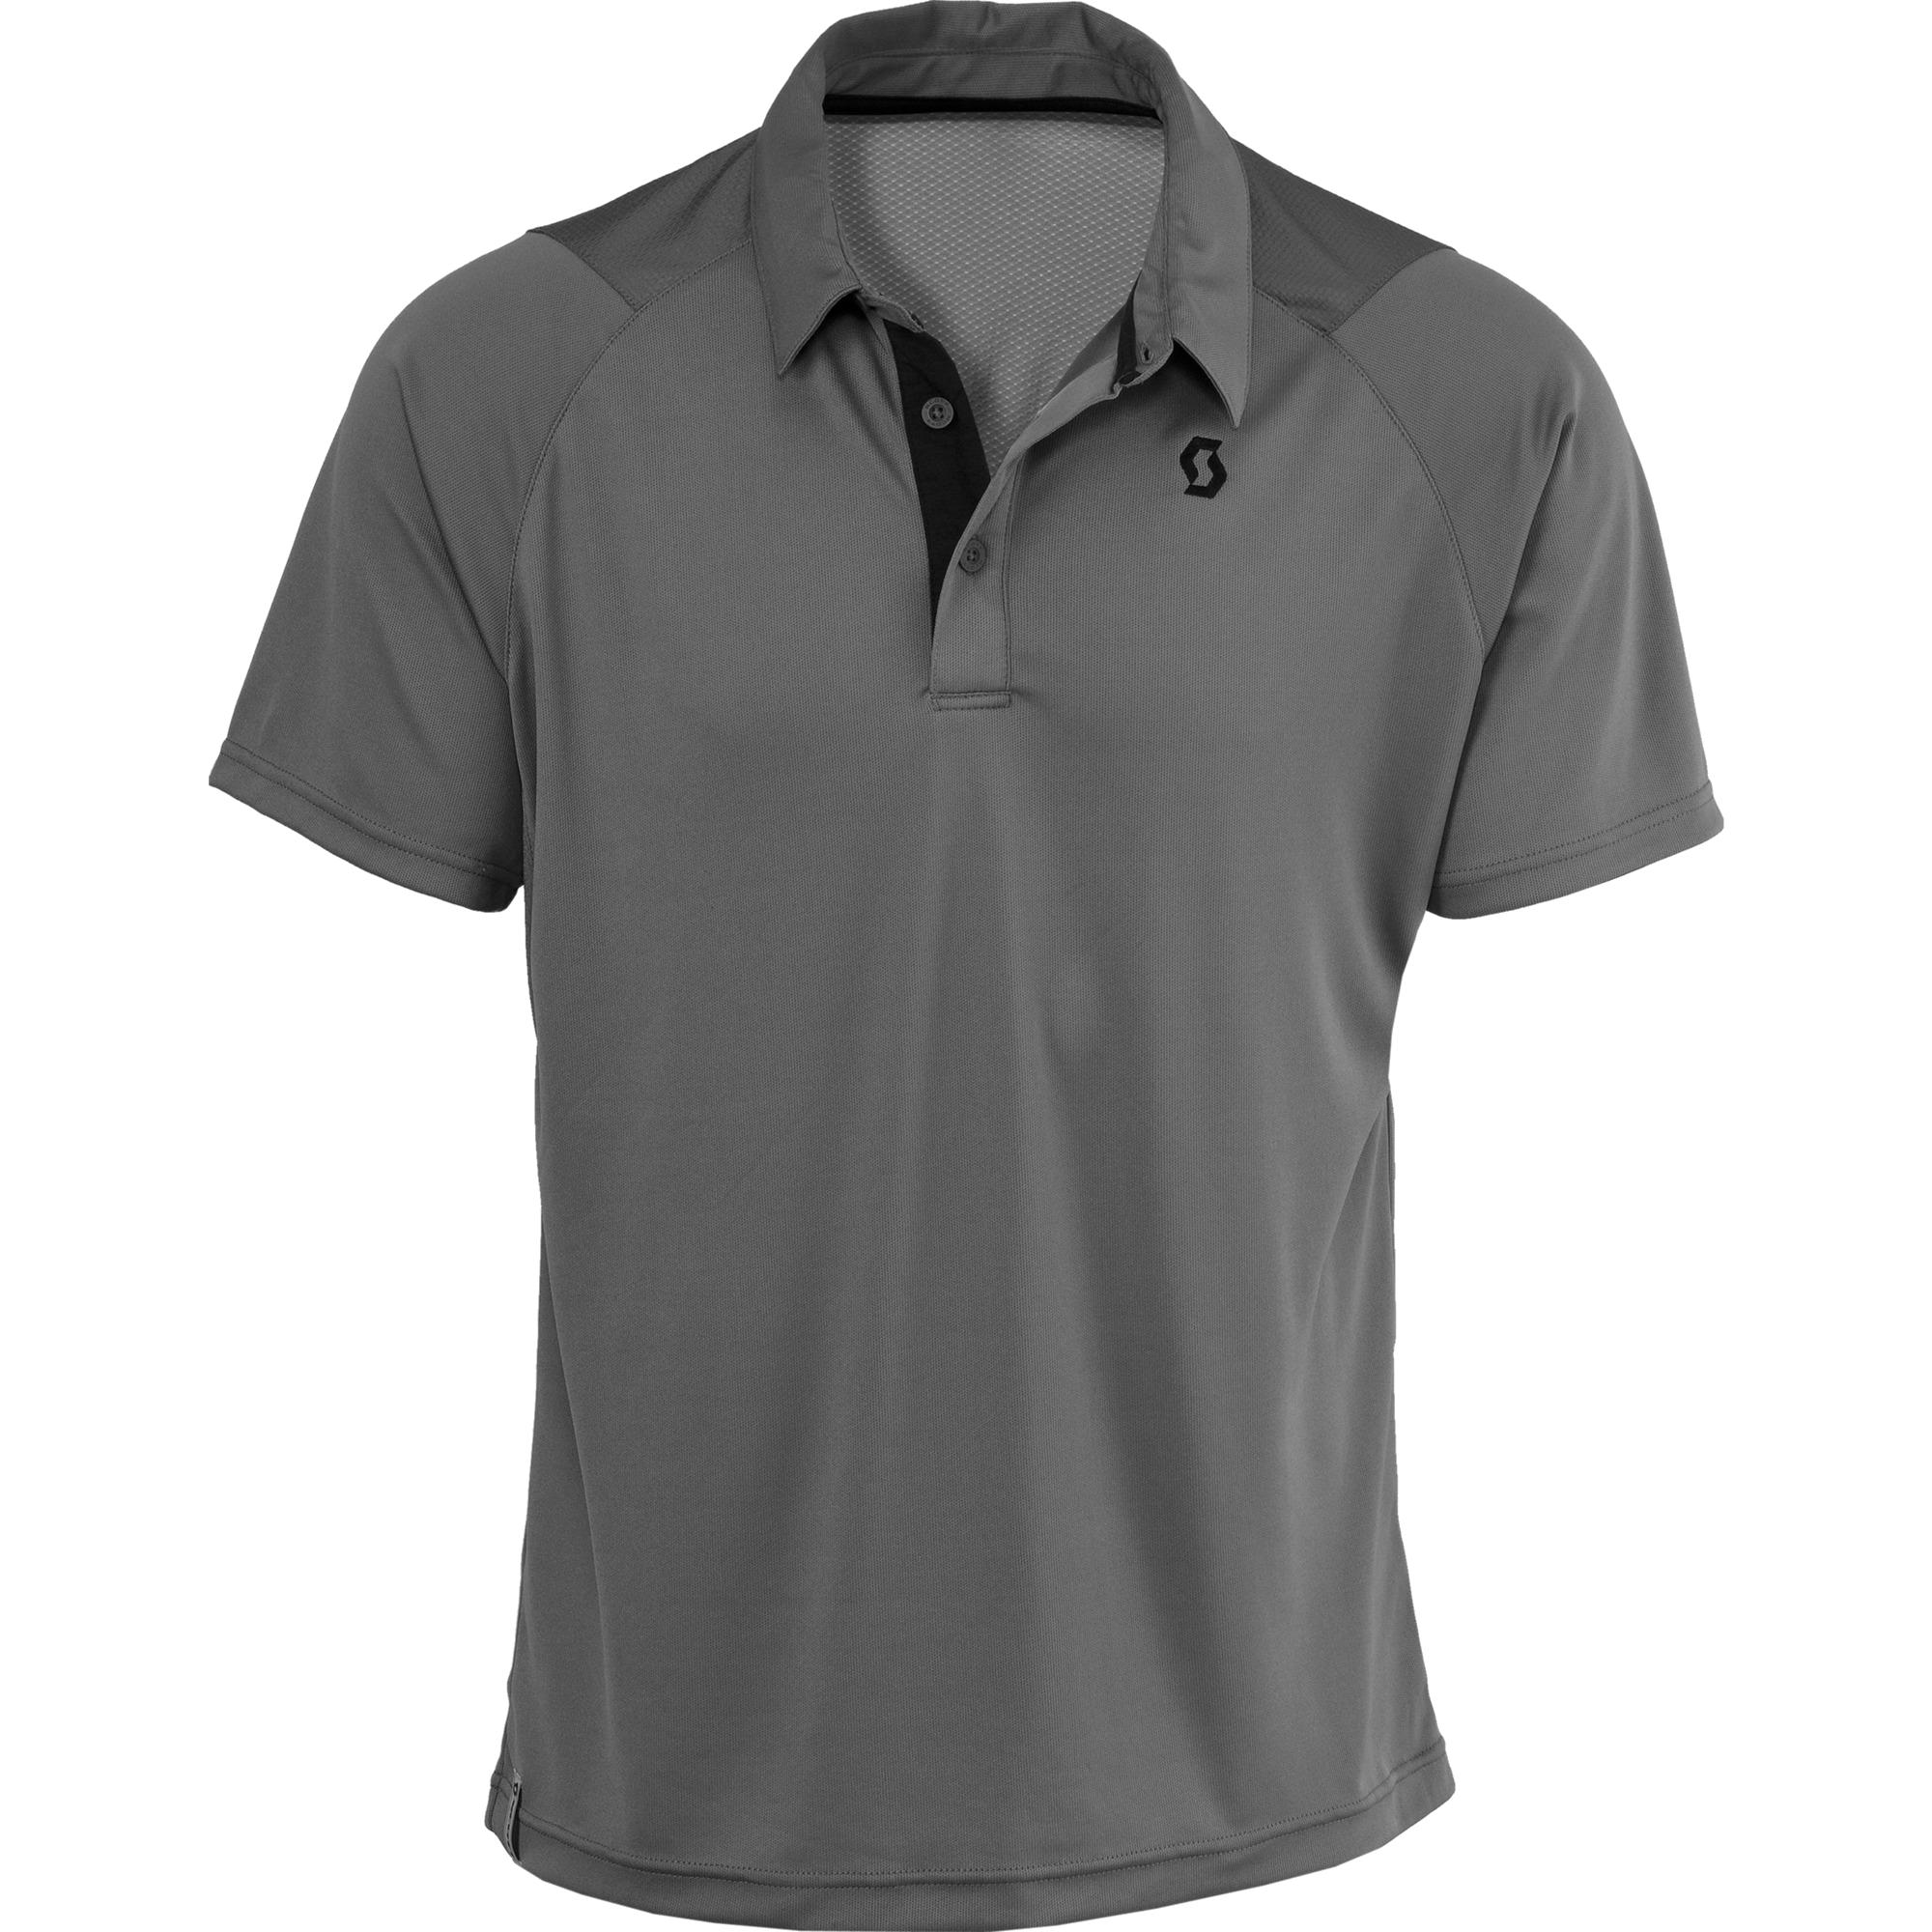 Grey Polo Shirt PNG Image.